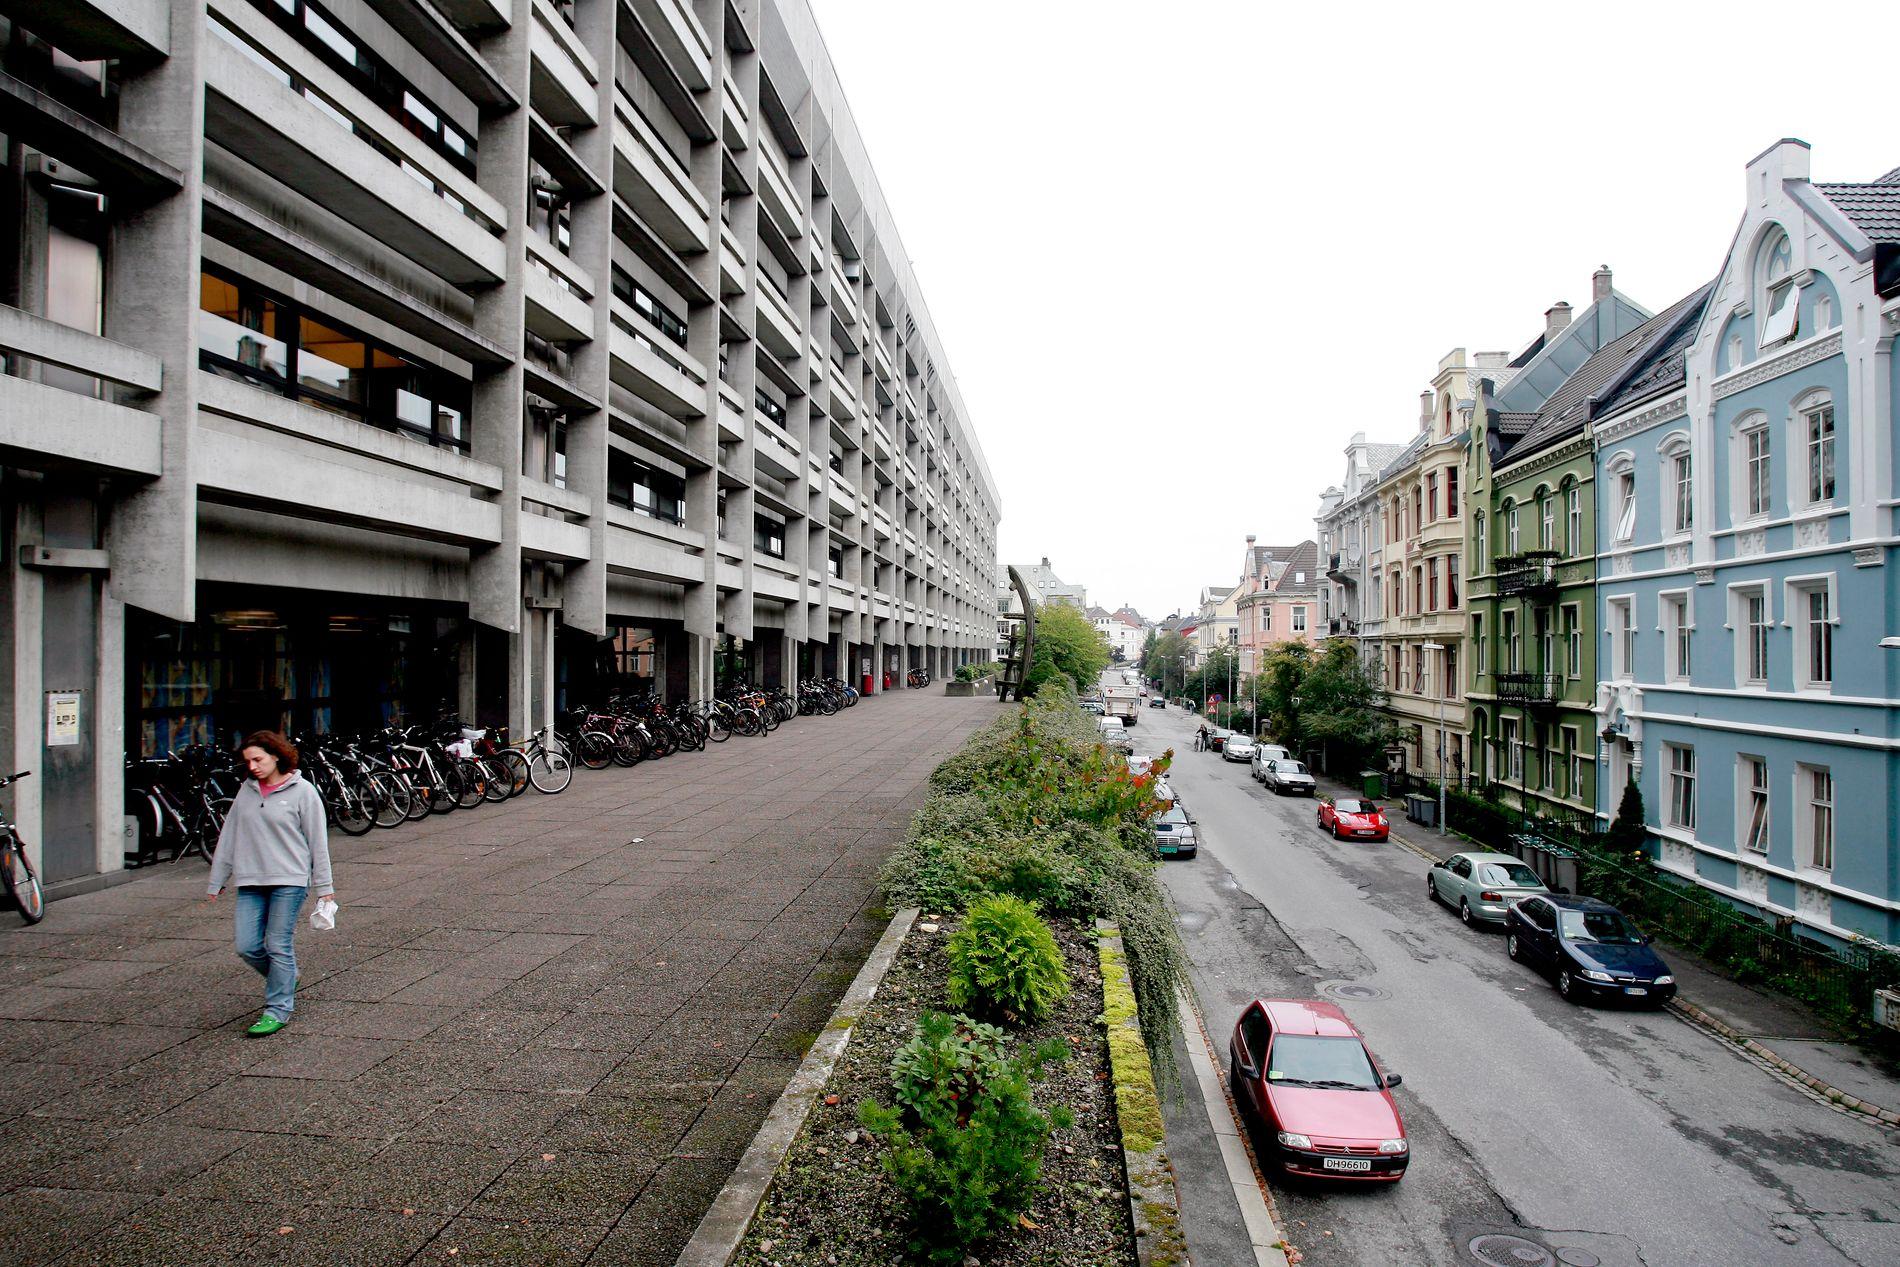 BRUTALISME: Ifølge Hans-Jacob Roald gir det brutalistiske Realfagbygget blaffen i omgivelsene.